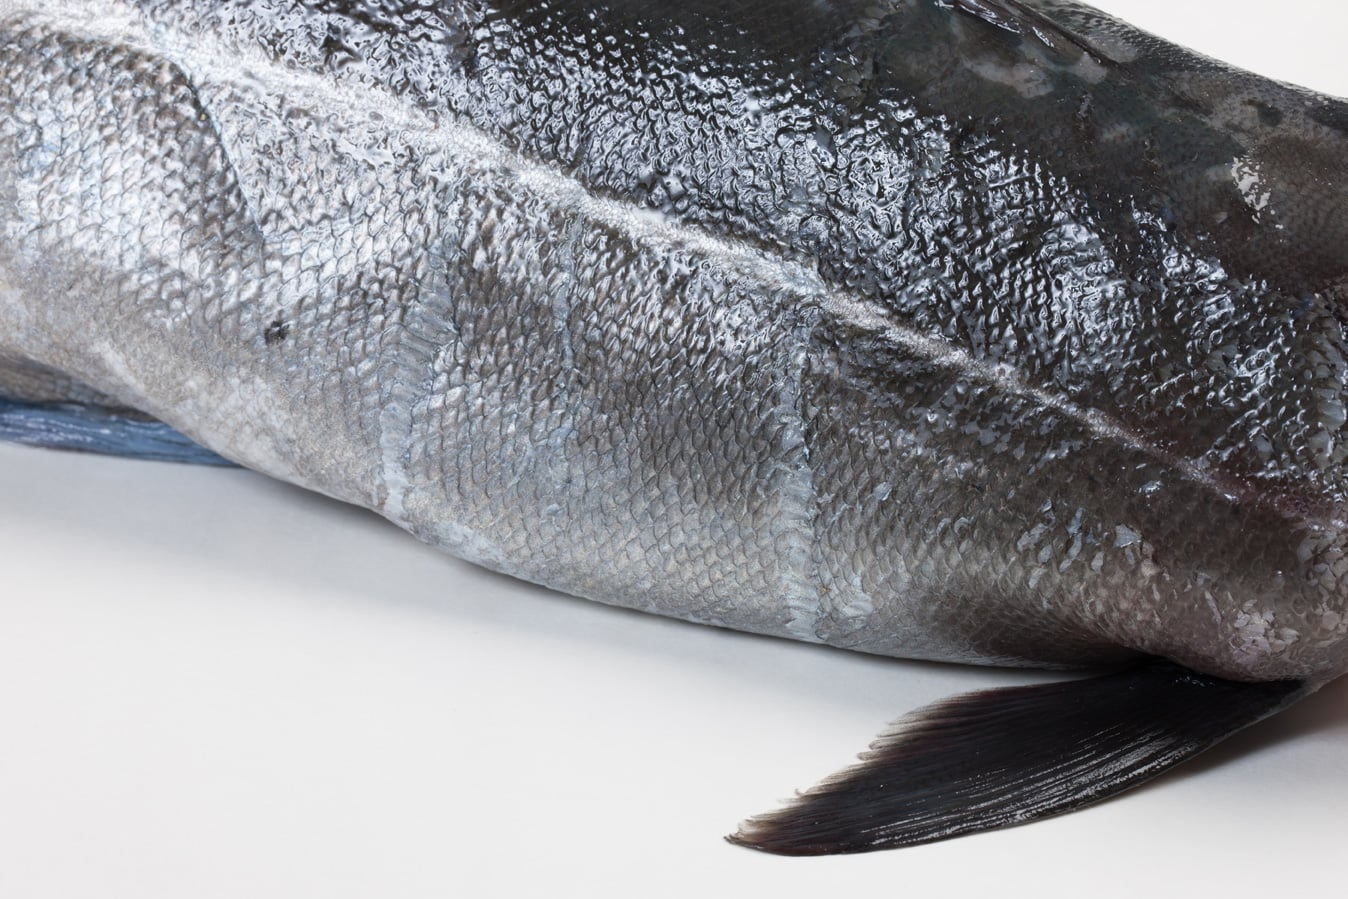 Koolvis - Murko Seafood